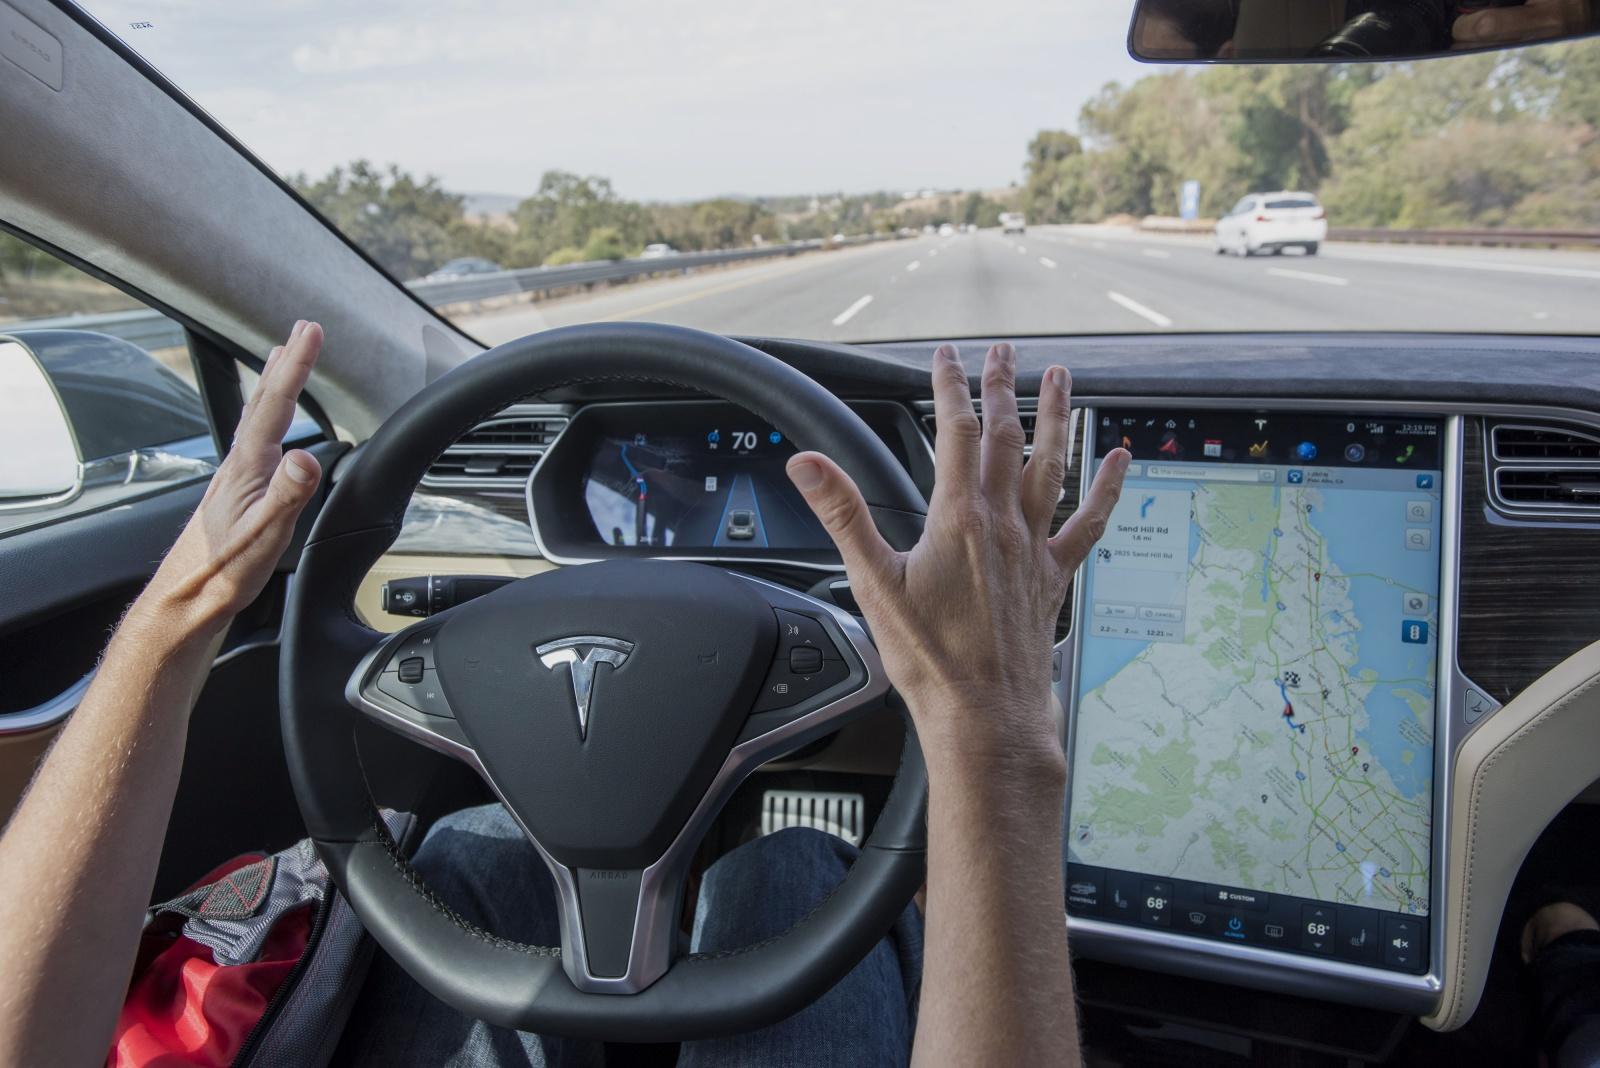 Autopilot электромобилей Tesla путается в разметке на сложных участках дороги - 1